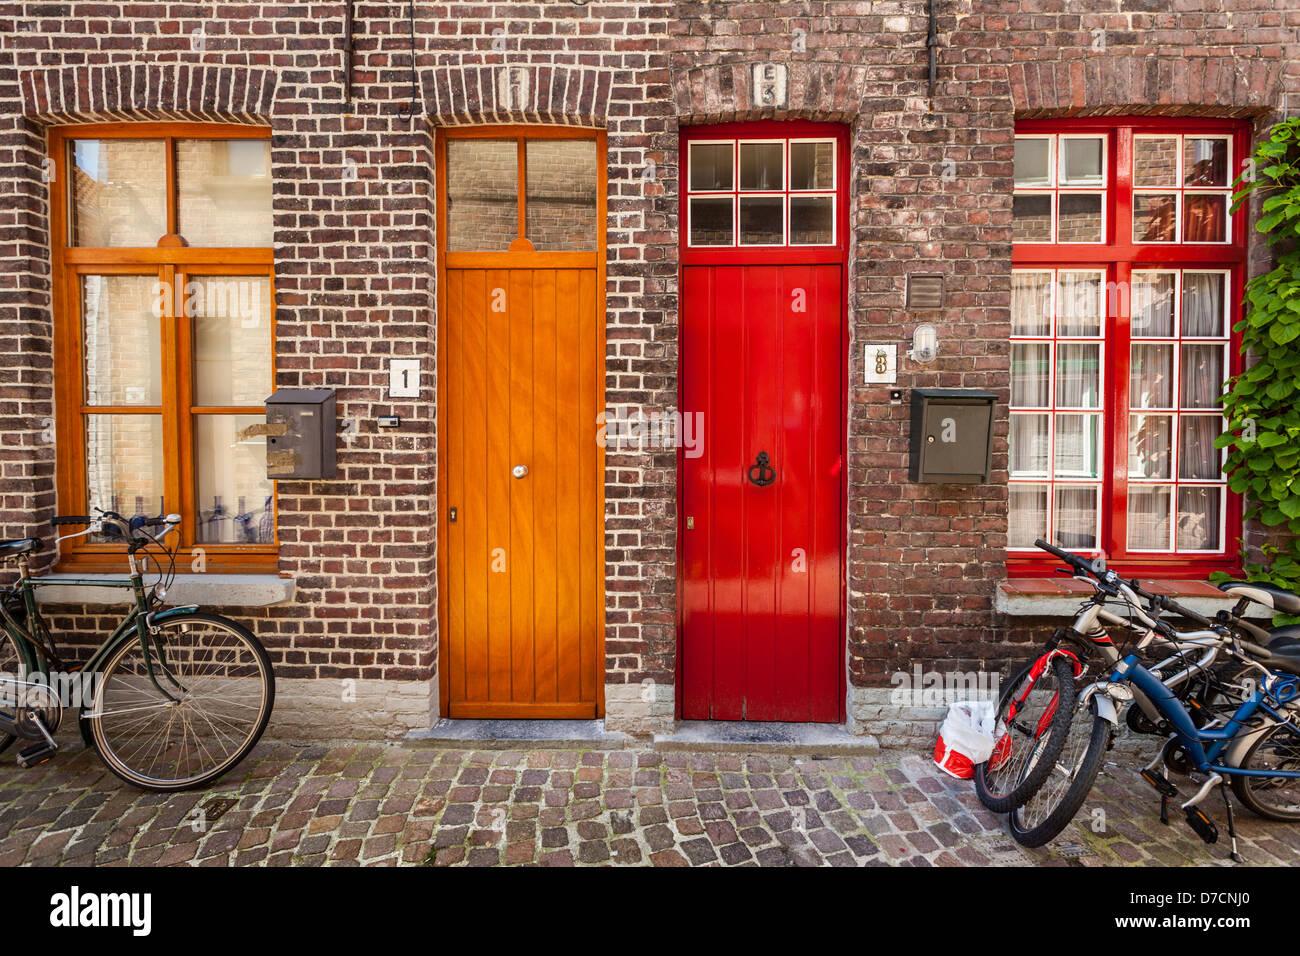 Türen von alten Häusern und Fahrräder in europäischen Städten. Brügge (Brugge), Belgien Stockbild